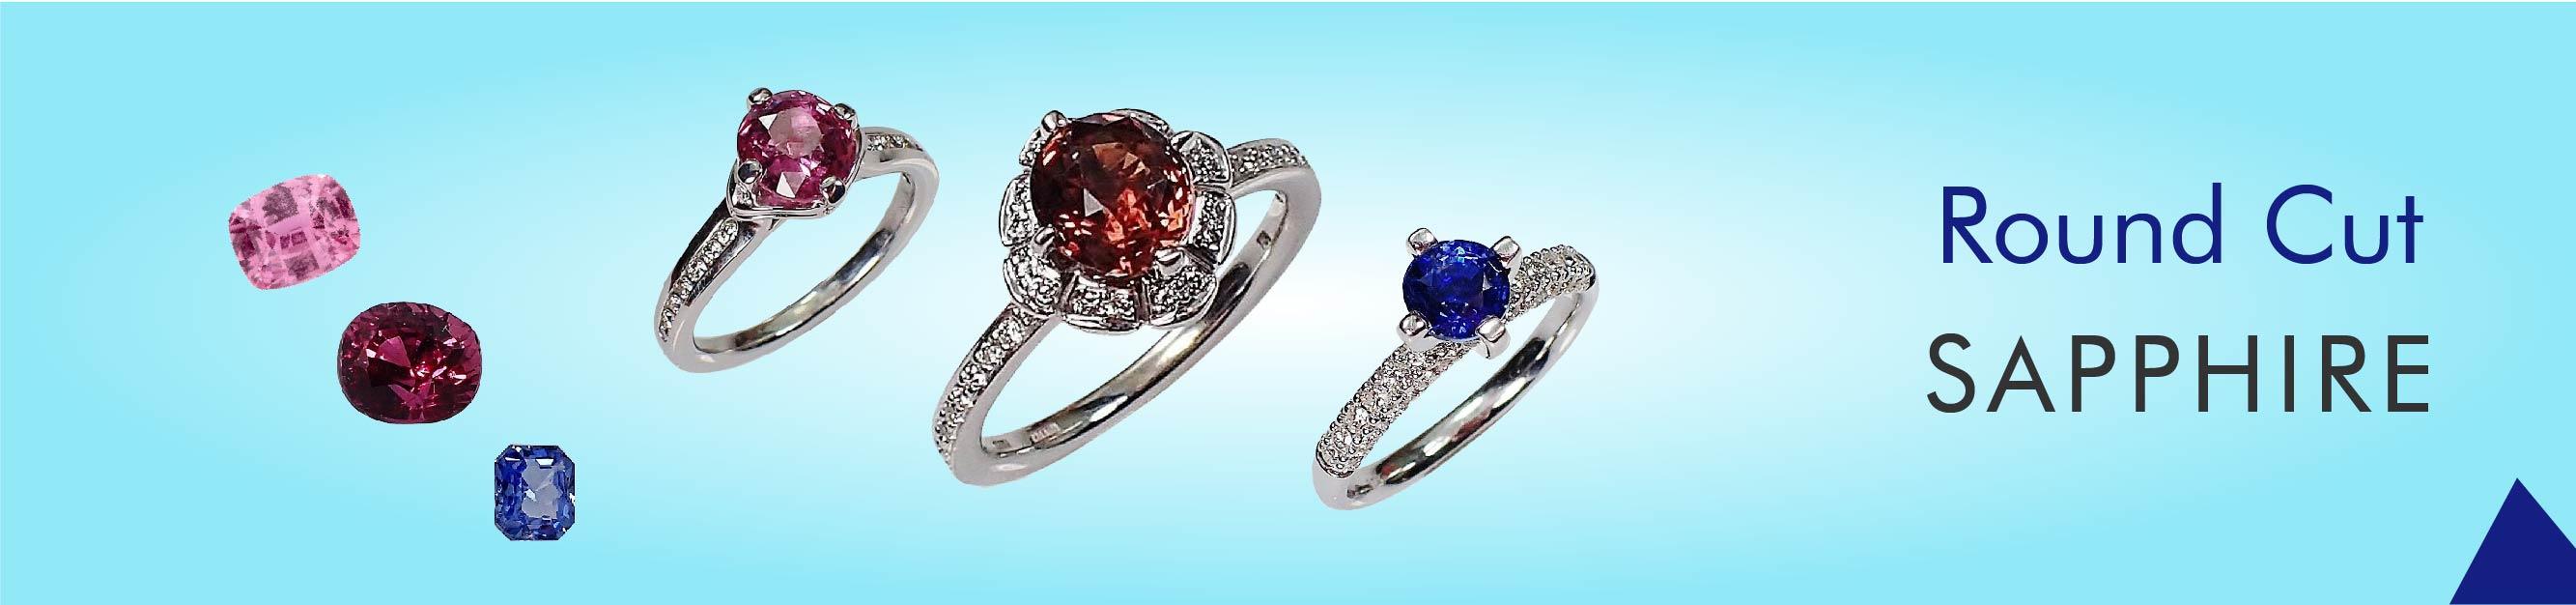 Round Cut Sapphires